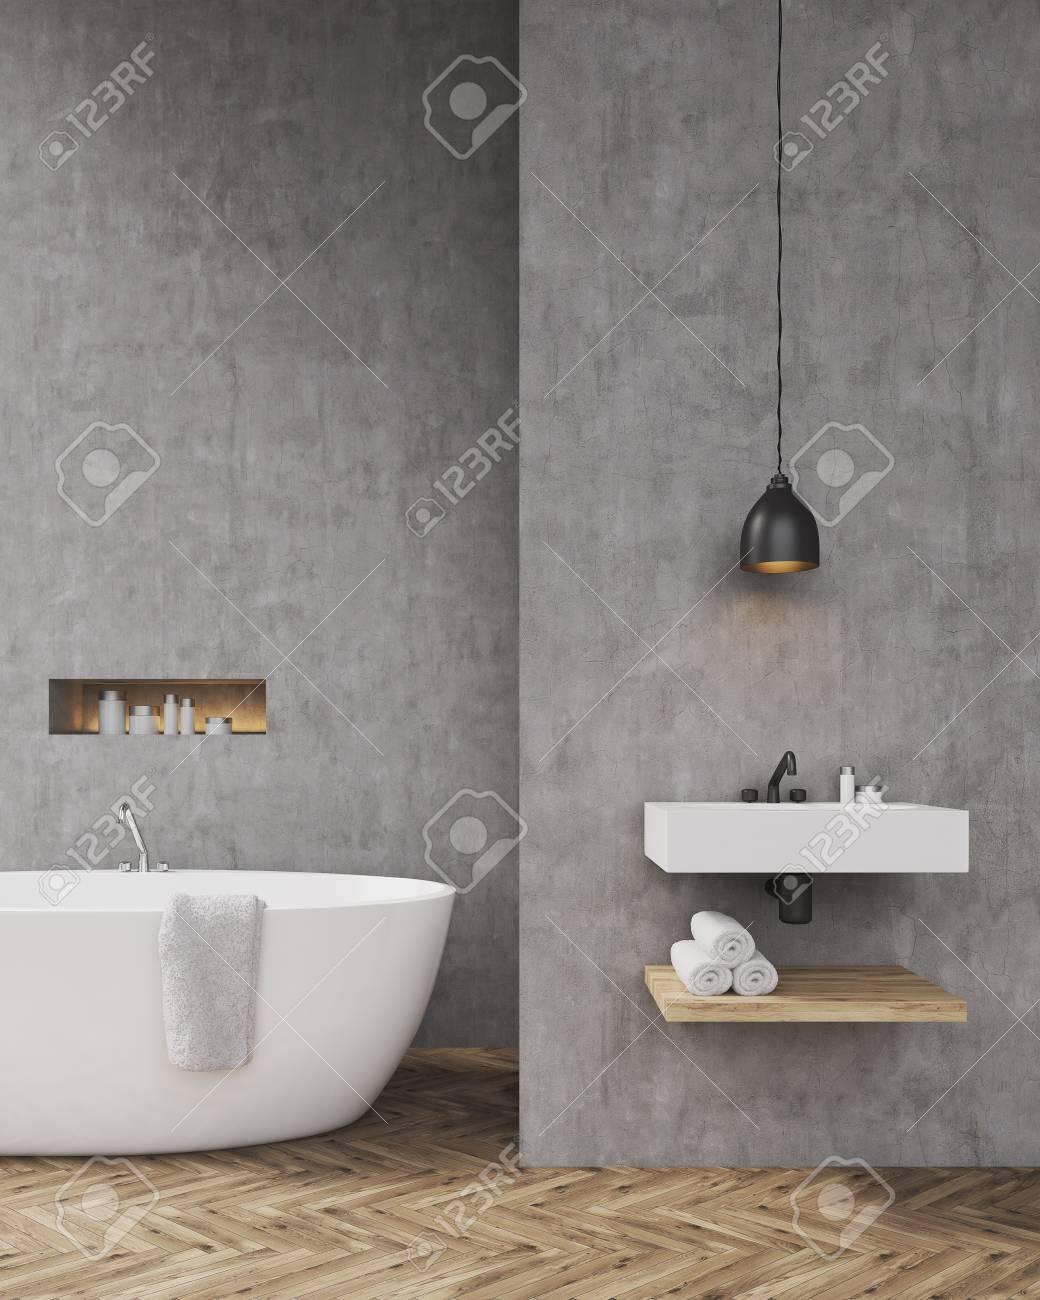 Foto de archivo - Interior de baño con bañera c1170c52750e